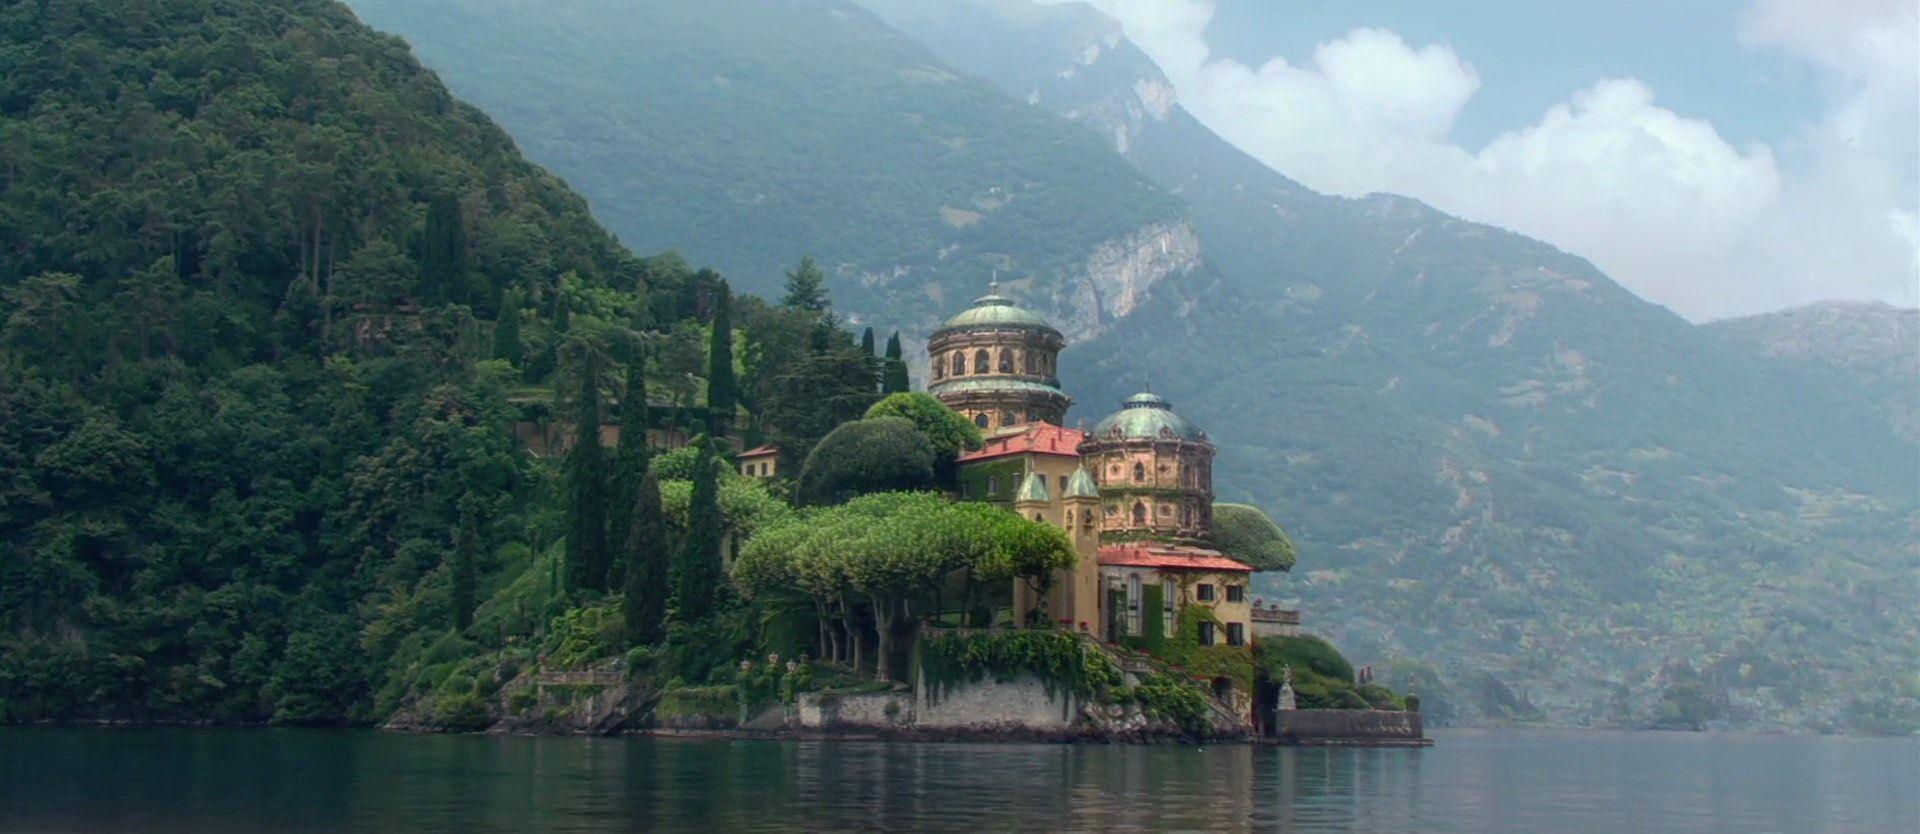 Gwiezdne Wojny, Atak klonów – Bellagio nad Jeziorem Como